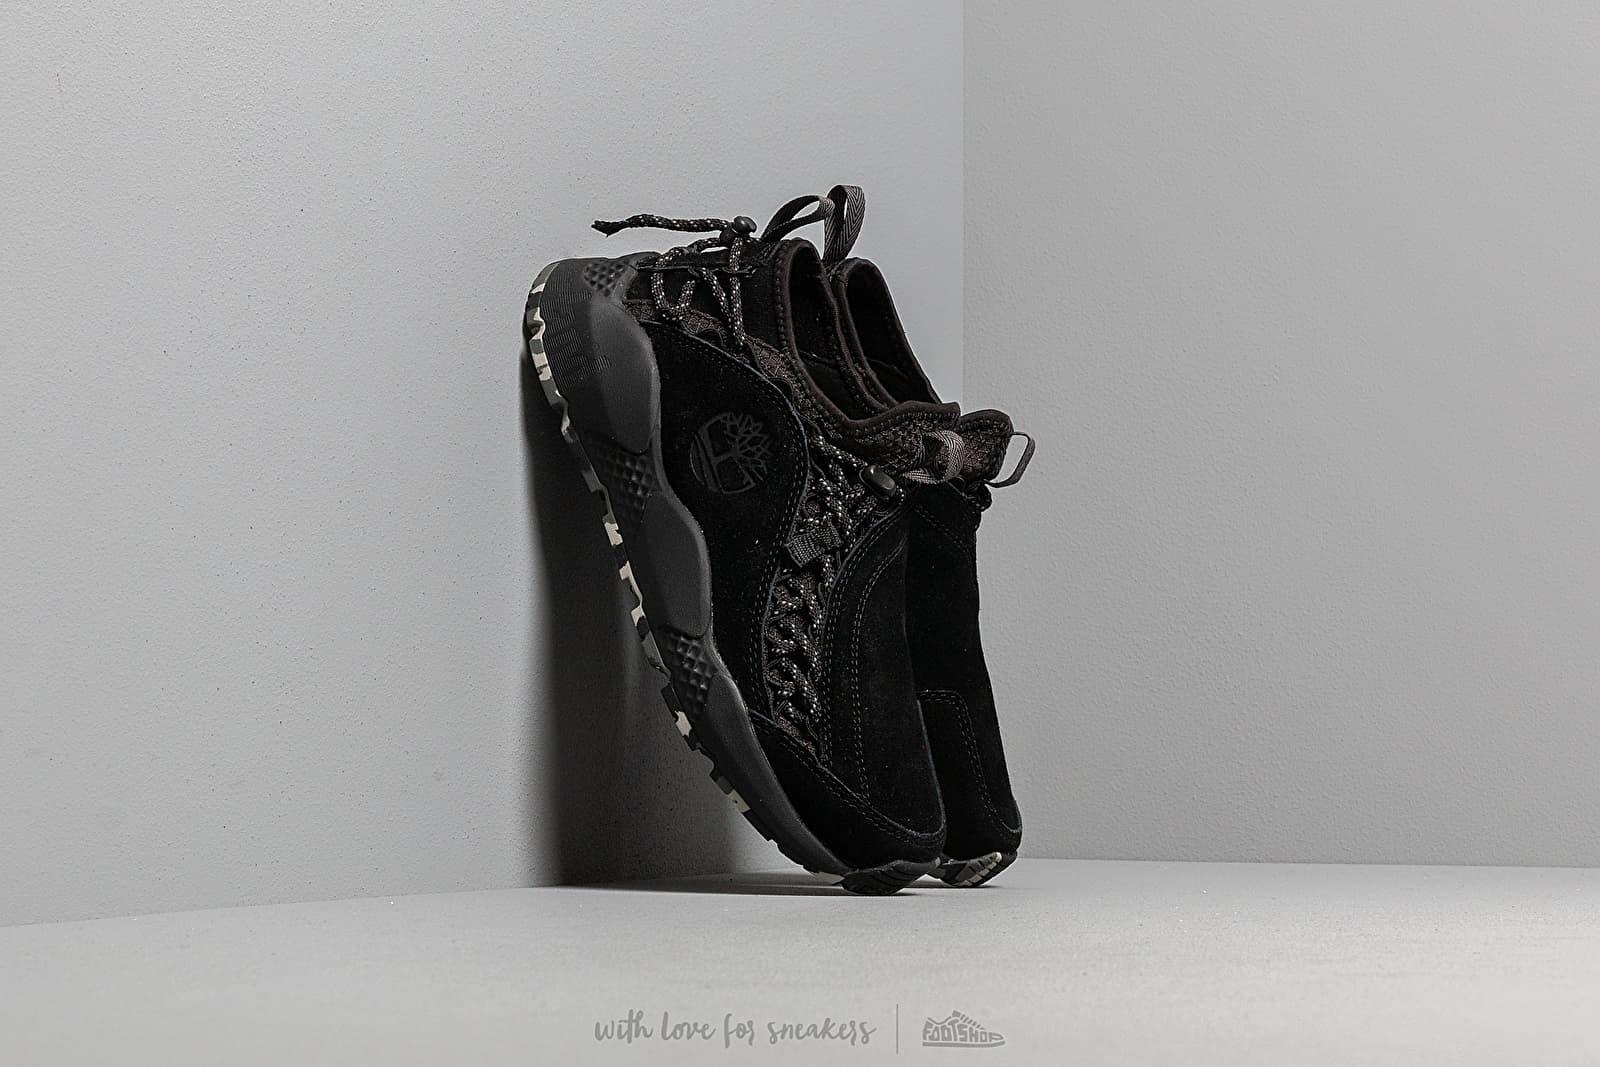 Timberland Ripcord Low Black Suede za skvelú cenu 125 € kúpite na Footshop.sk